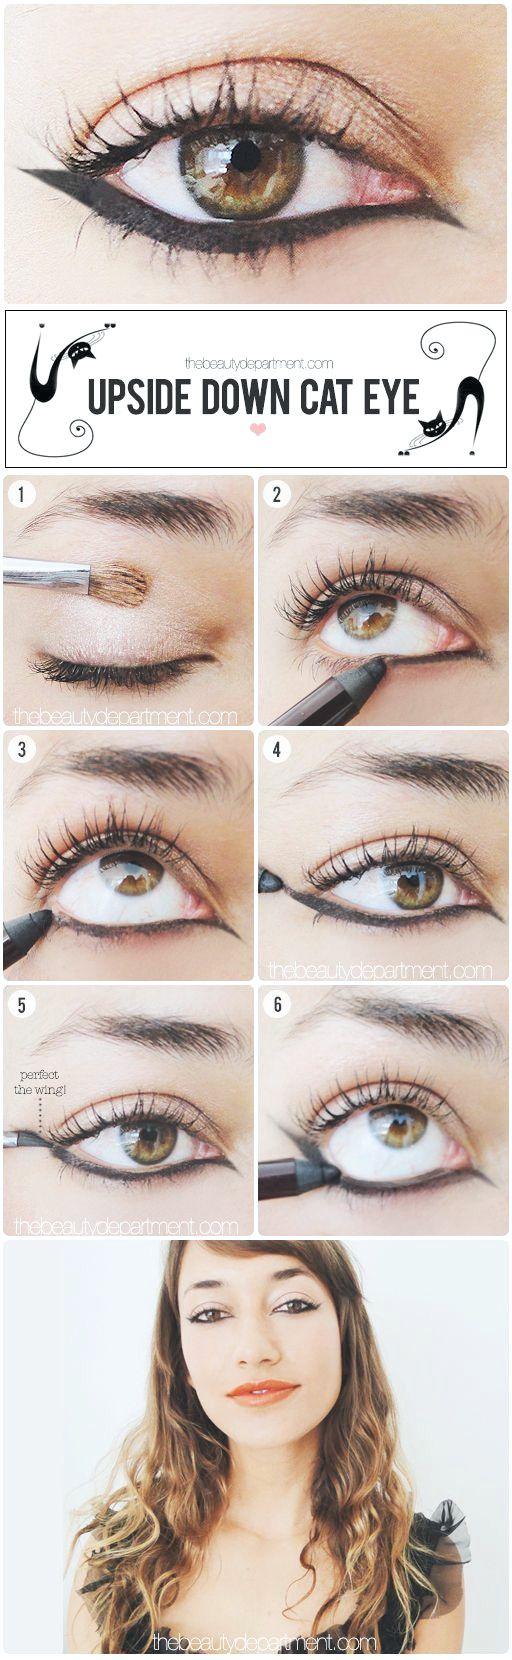 10 Tutorials zur Herstellung fehlerloser Eyeliner